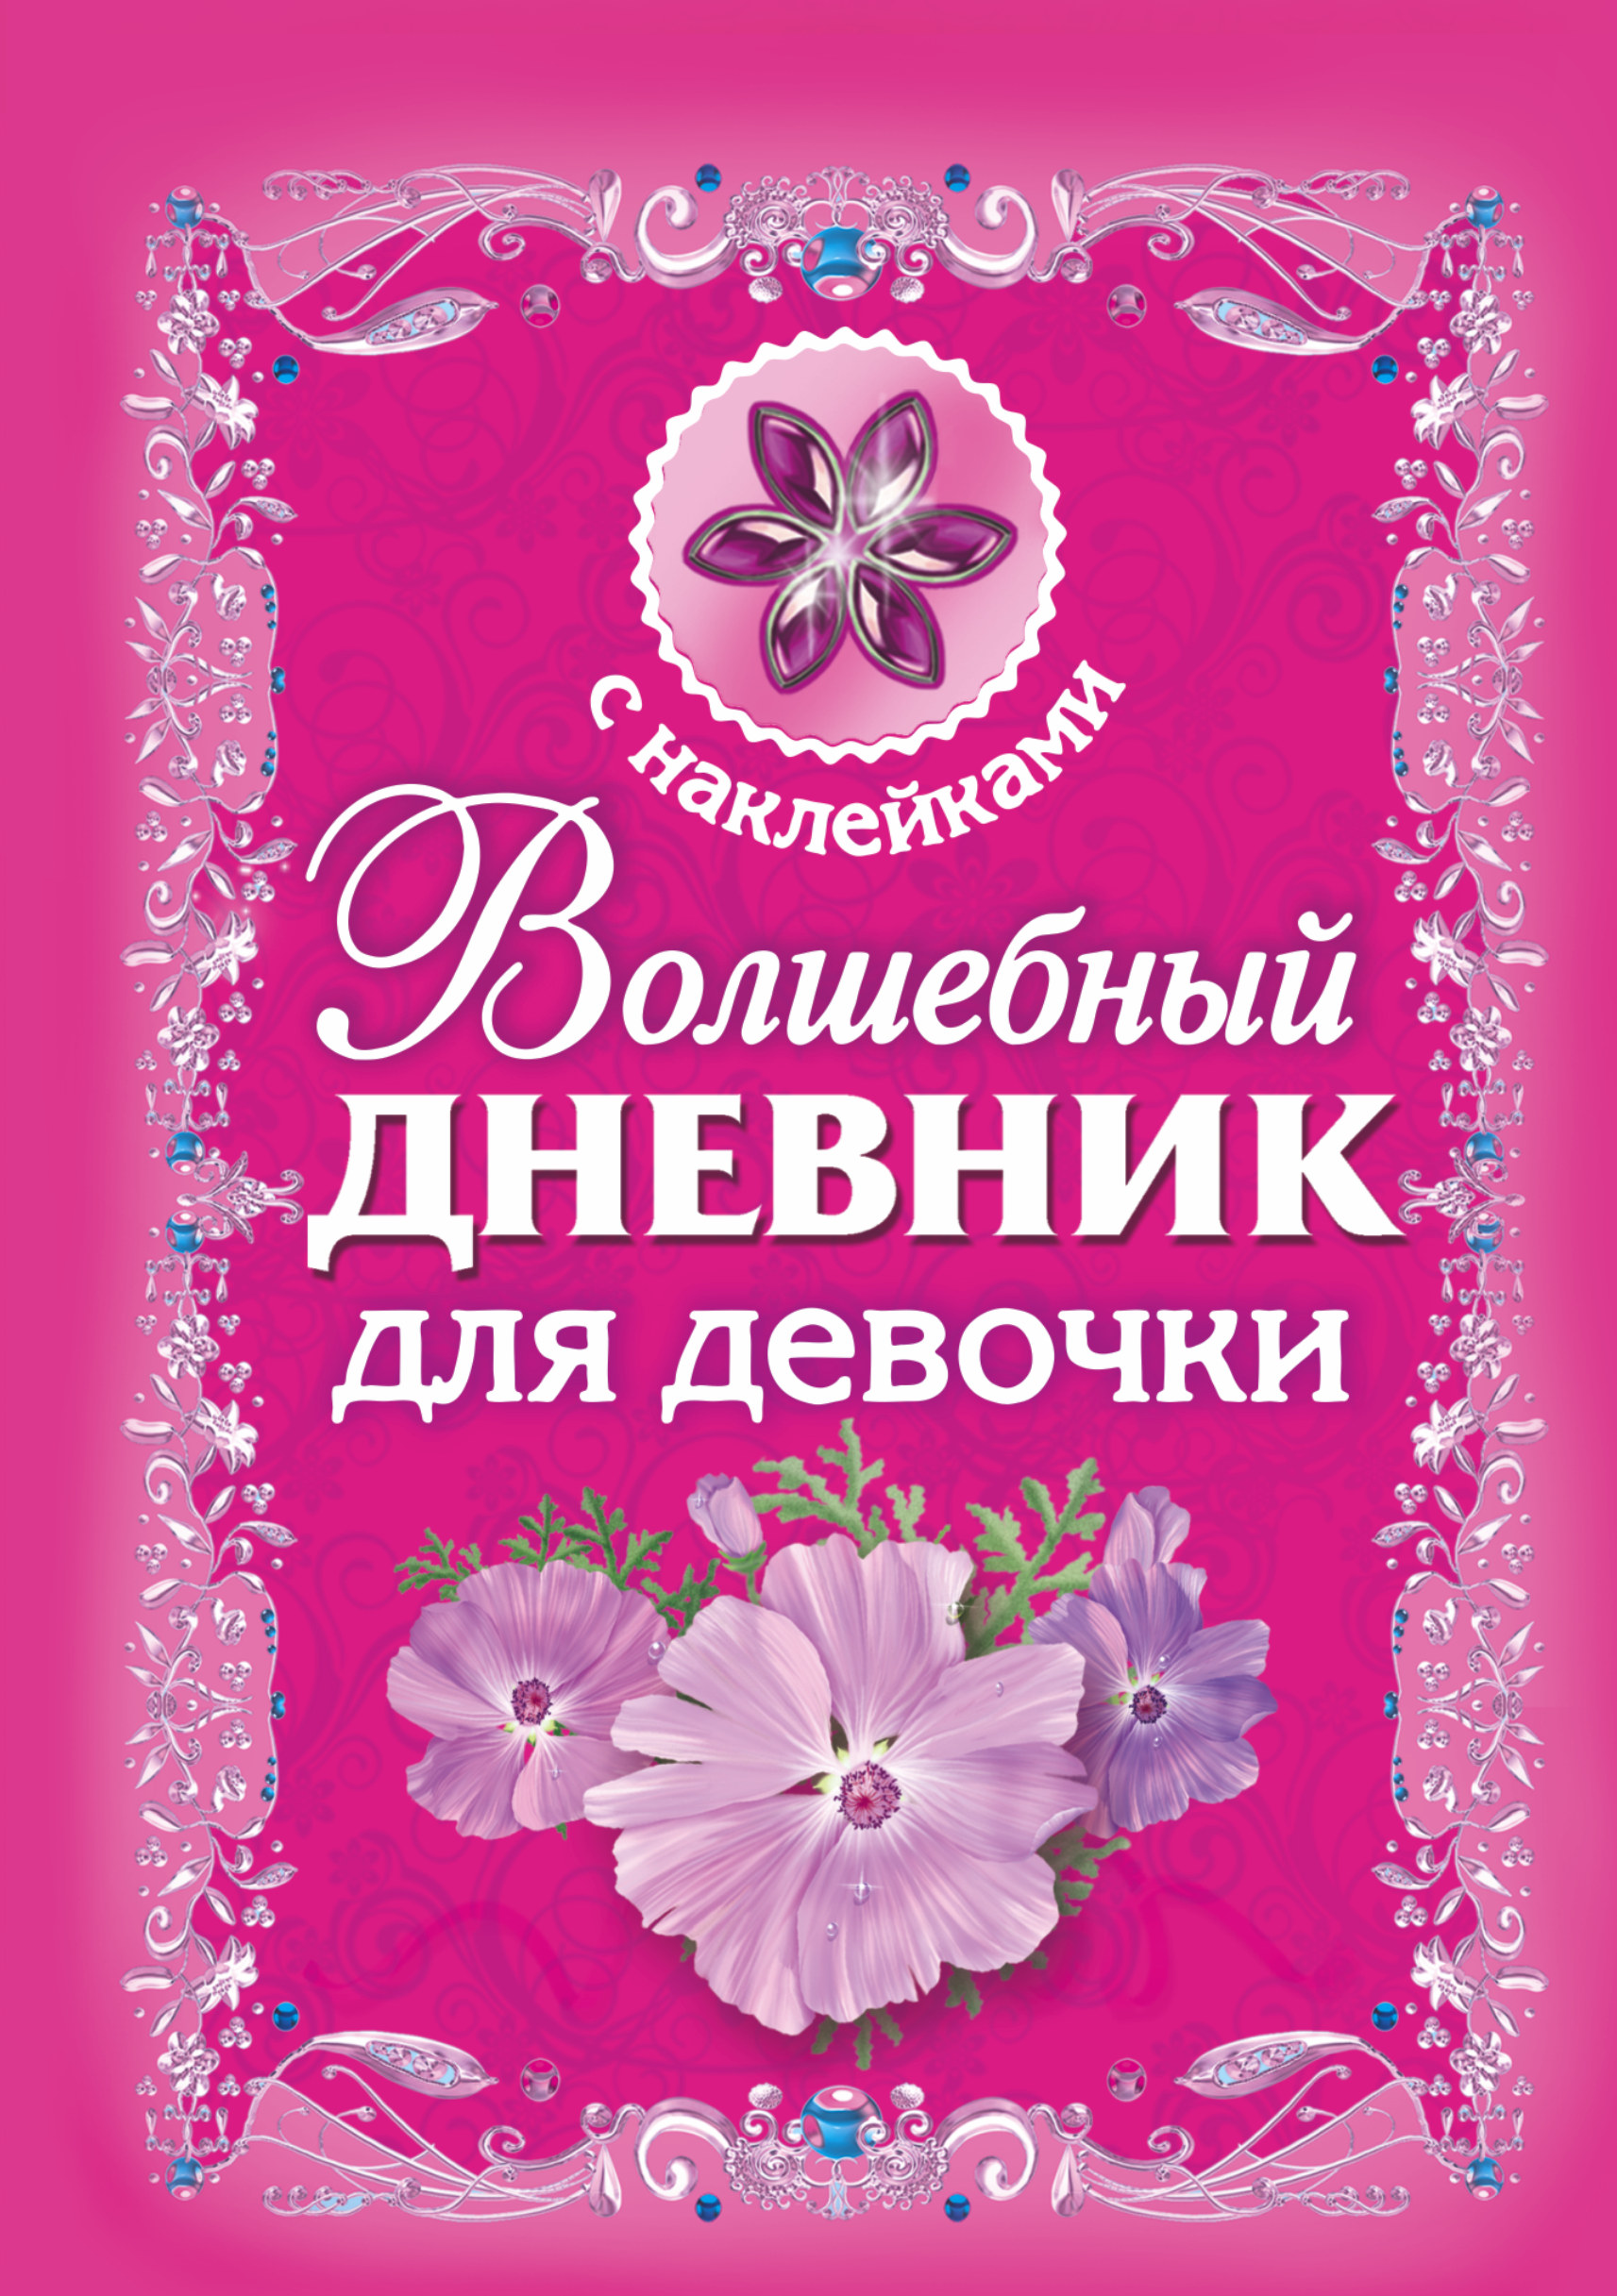 Дмитриева В.Г. Волшебный дневник для девочки волшебный дневник модный стиль 43386